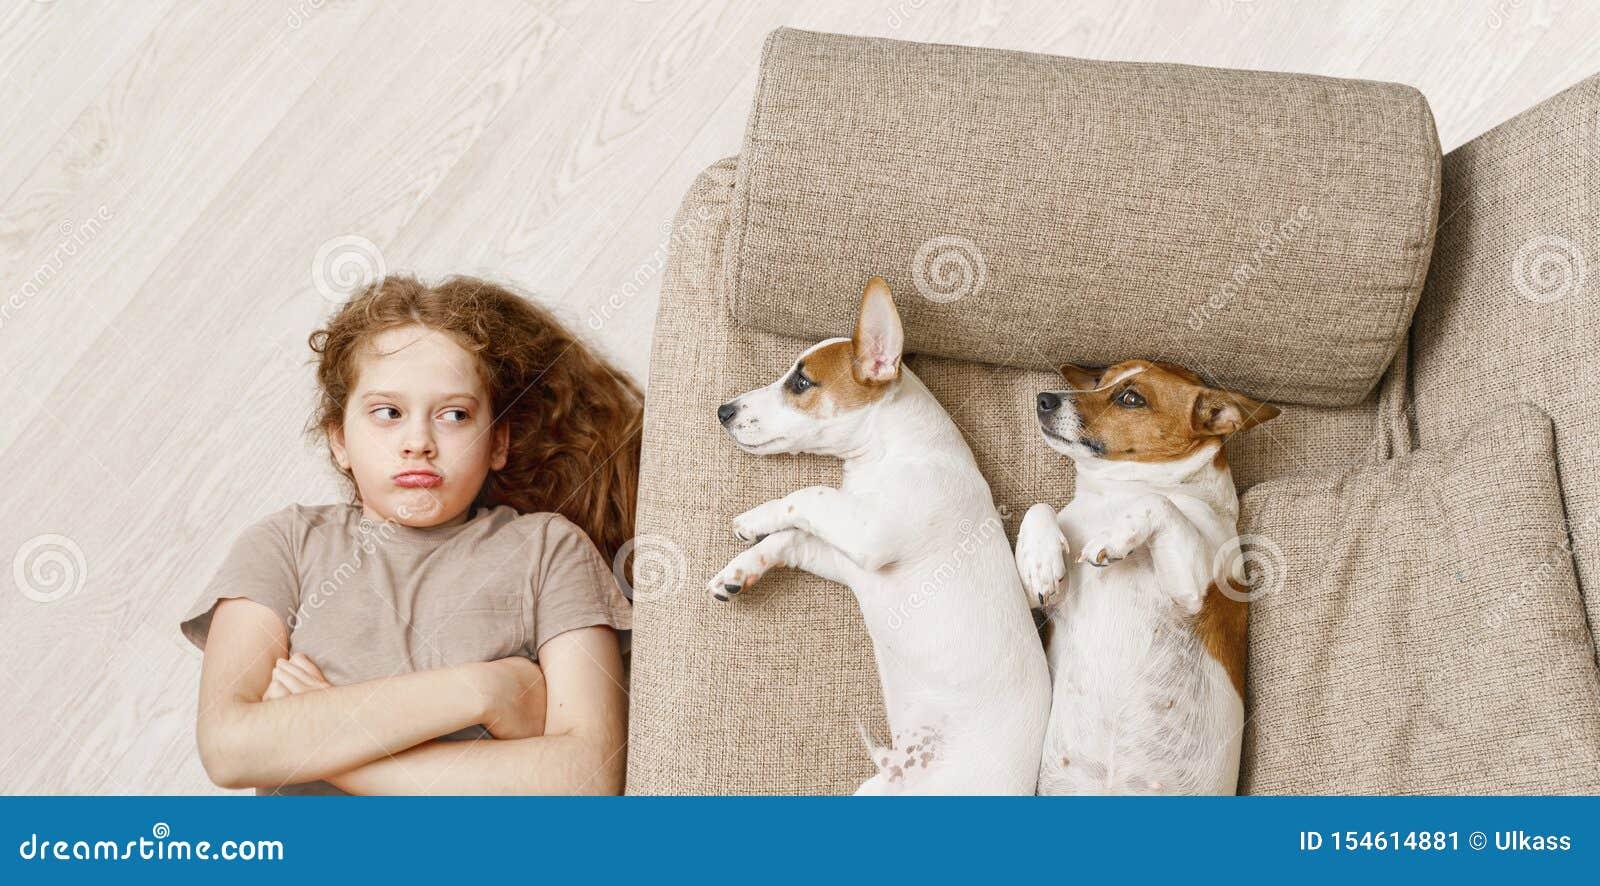 Δύο σκυλιά κοιμούνται στον μπεζ καναπέ και το δυστυχισμένο κορίτσι στο ξύλινο πάτωμα